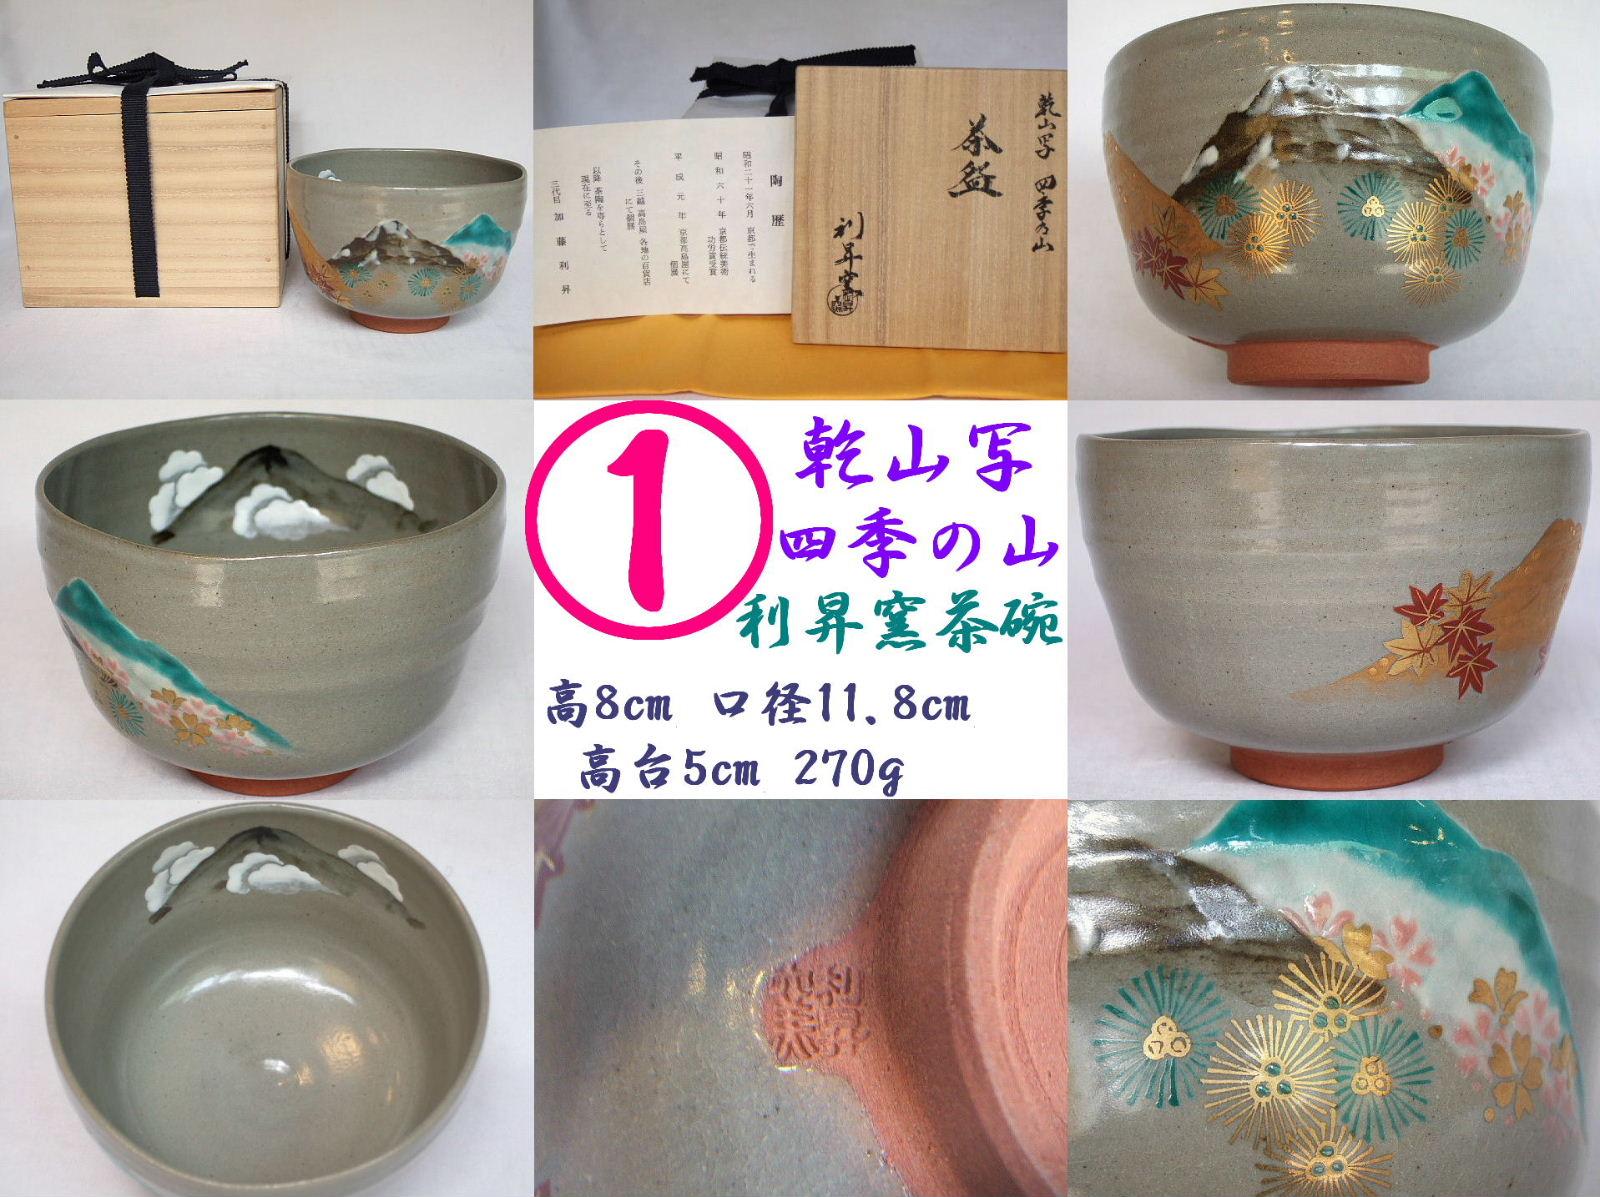 (三月*特売品)平安 三代 加藤利昇窯作 季節茶碗1~3〔送料込〕【中古】